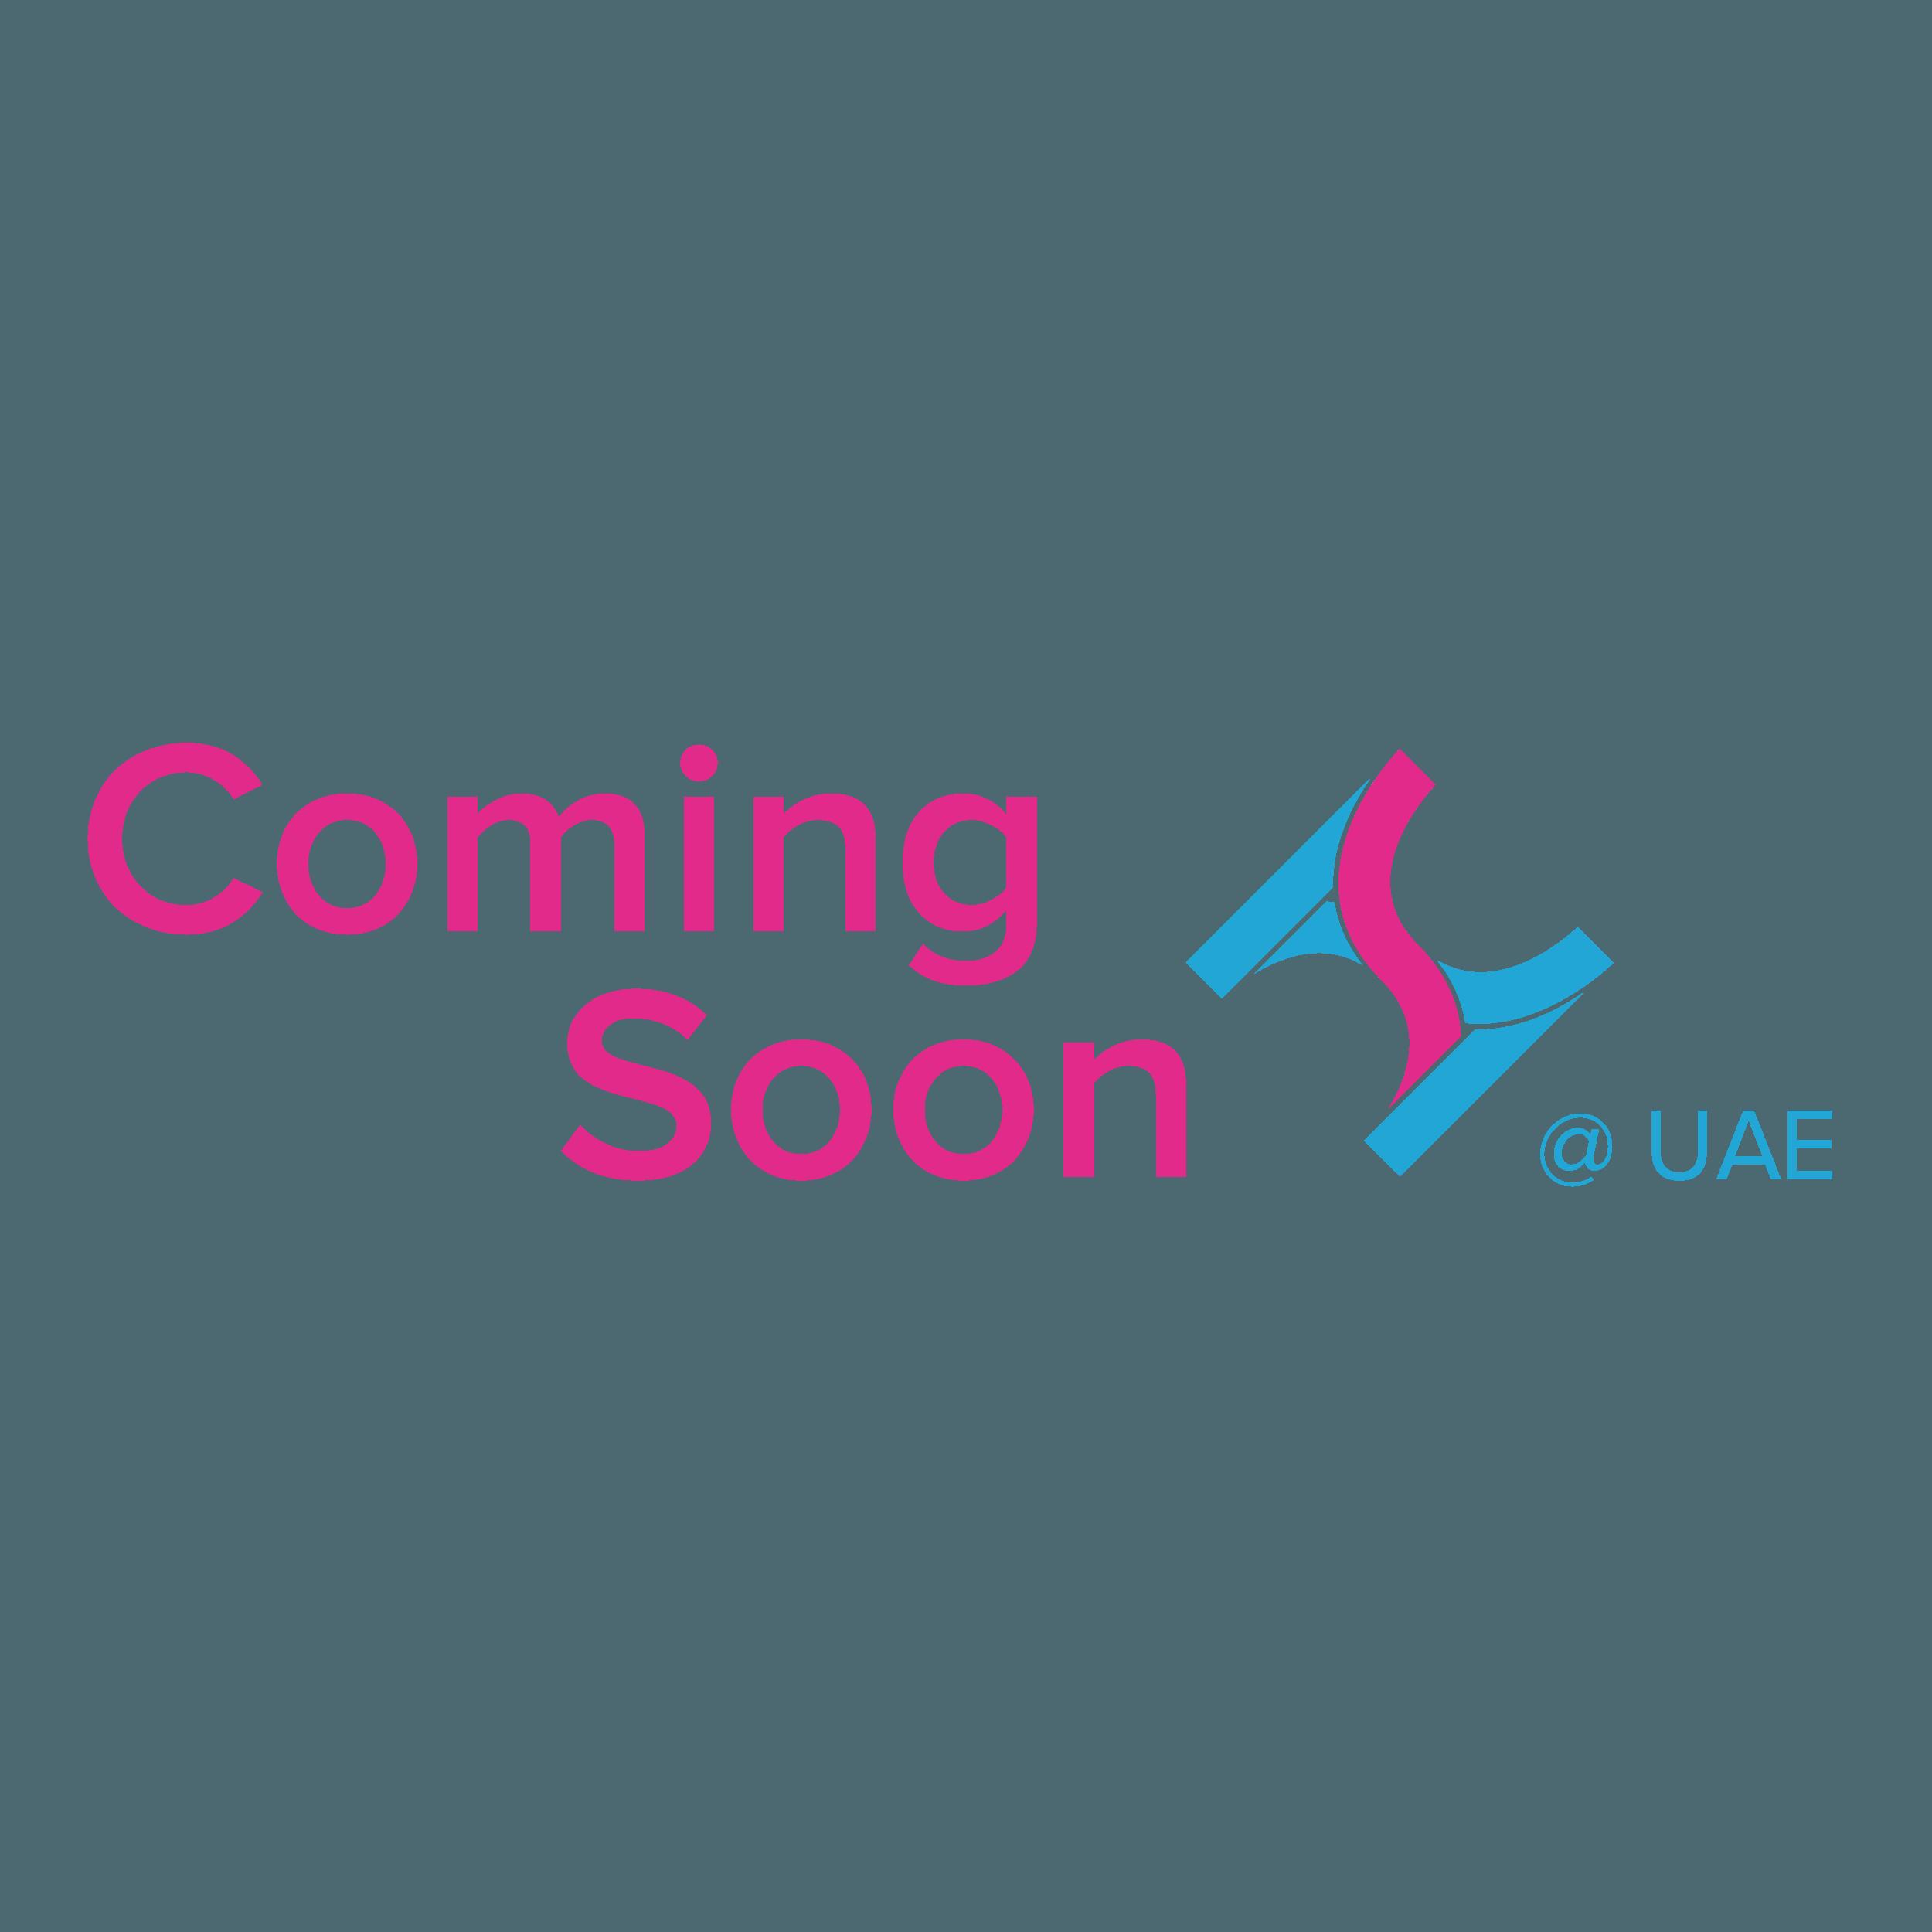 Coming Soon in UAE